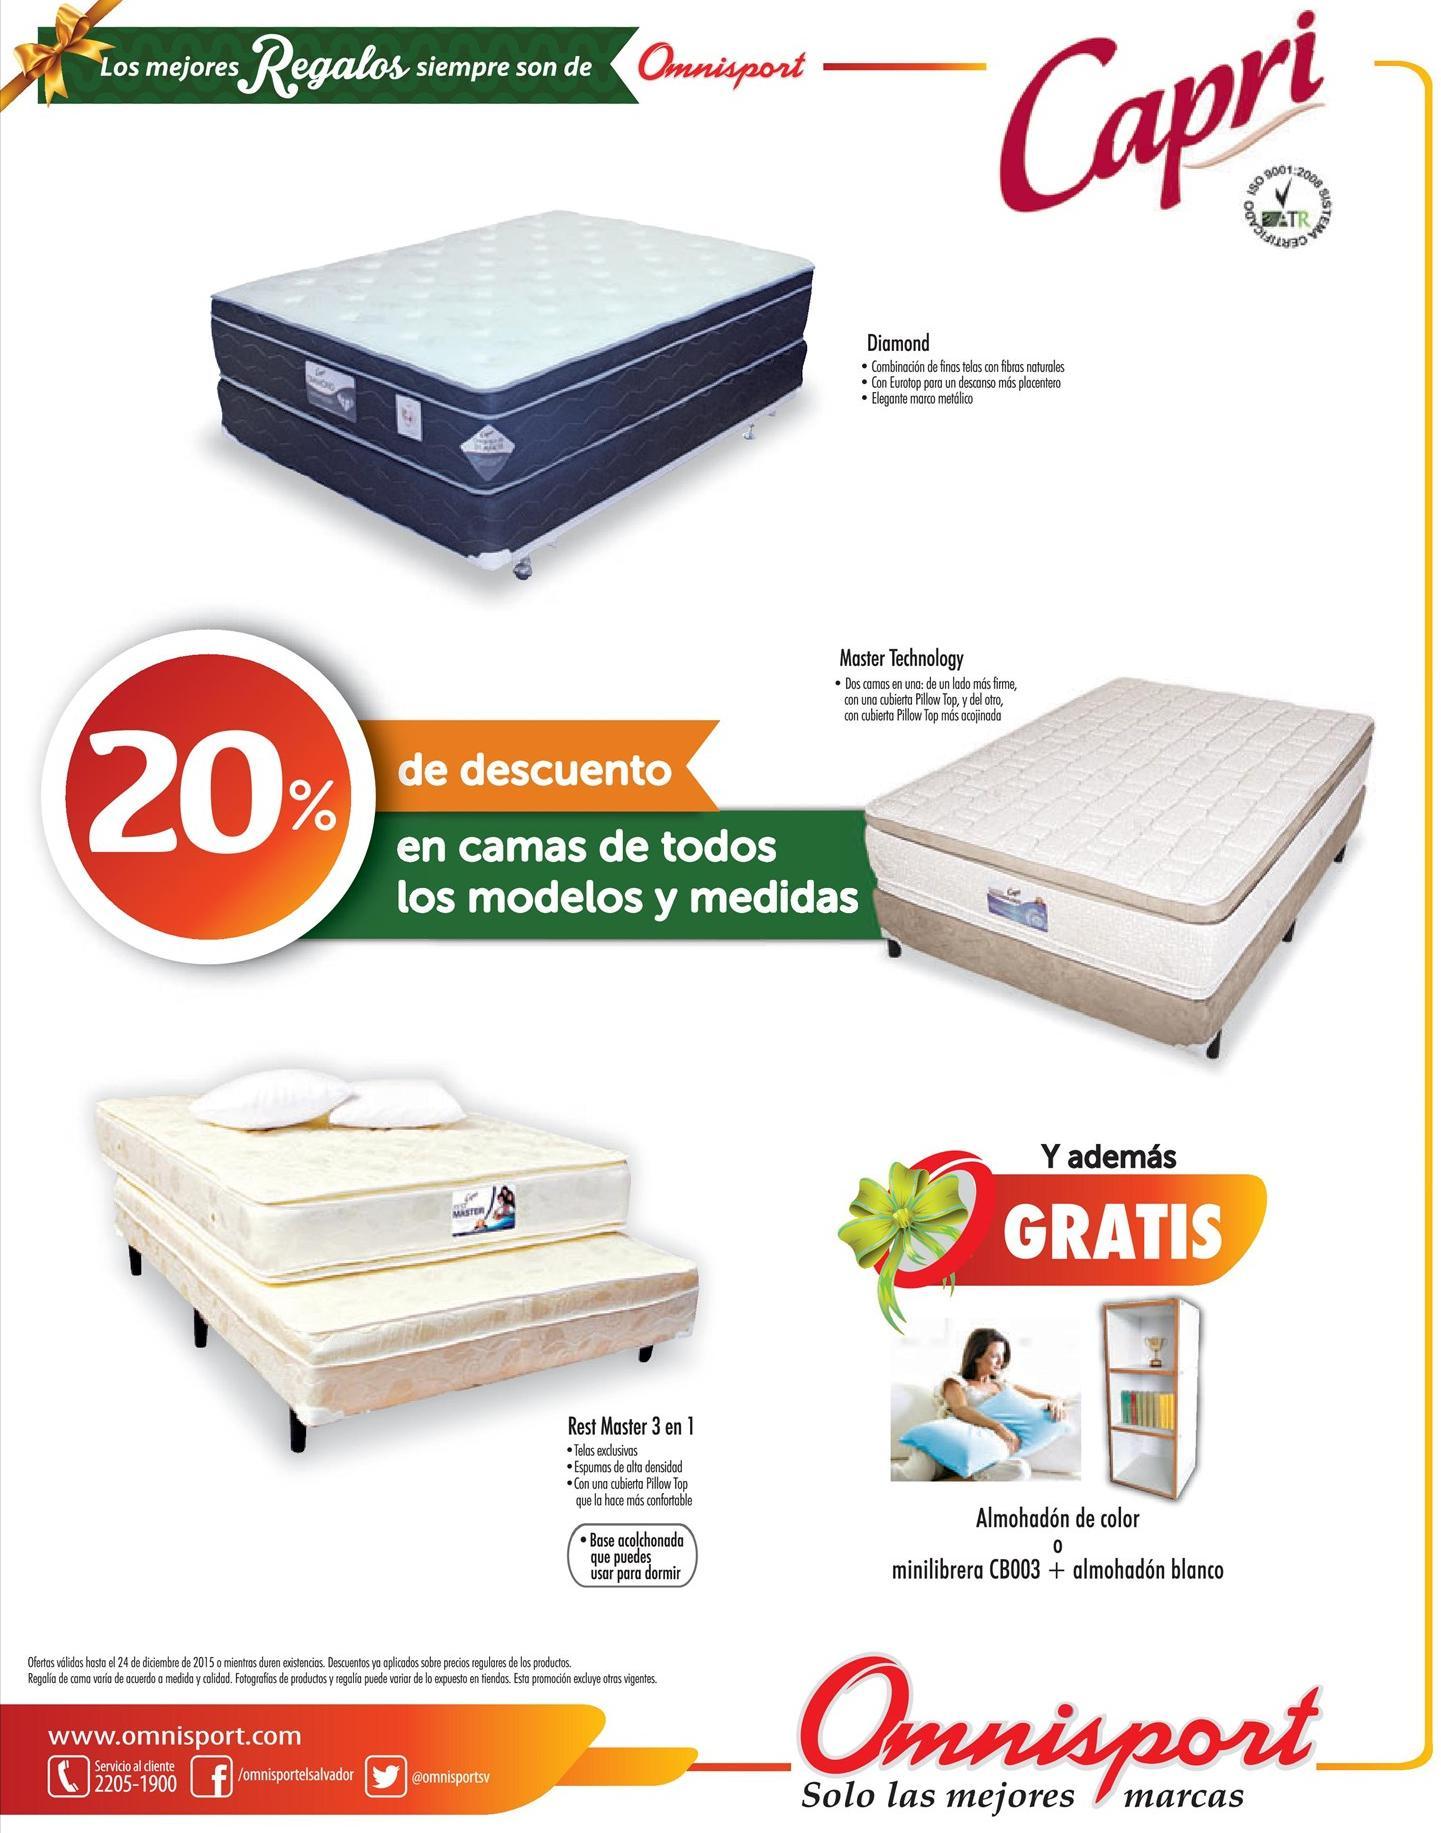 OMNISPORT sabe que necesitas cambiar tu cama este diciembre